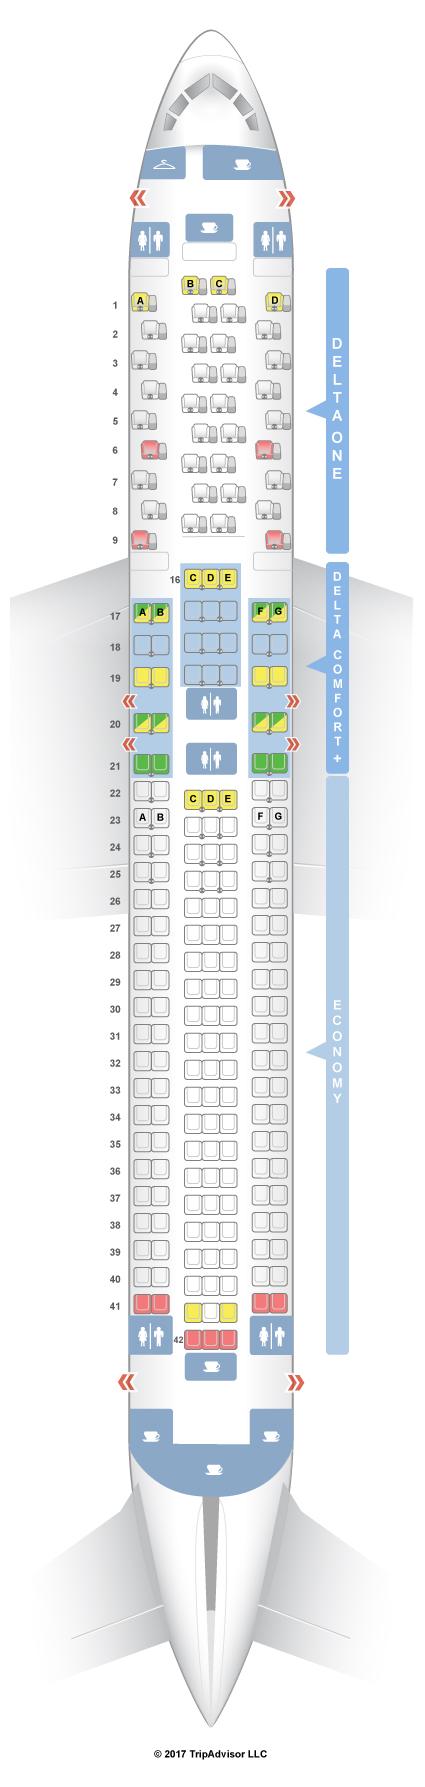 seatguru seat map delta boeing 767 300er 76l